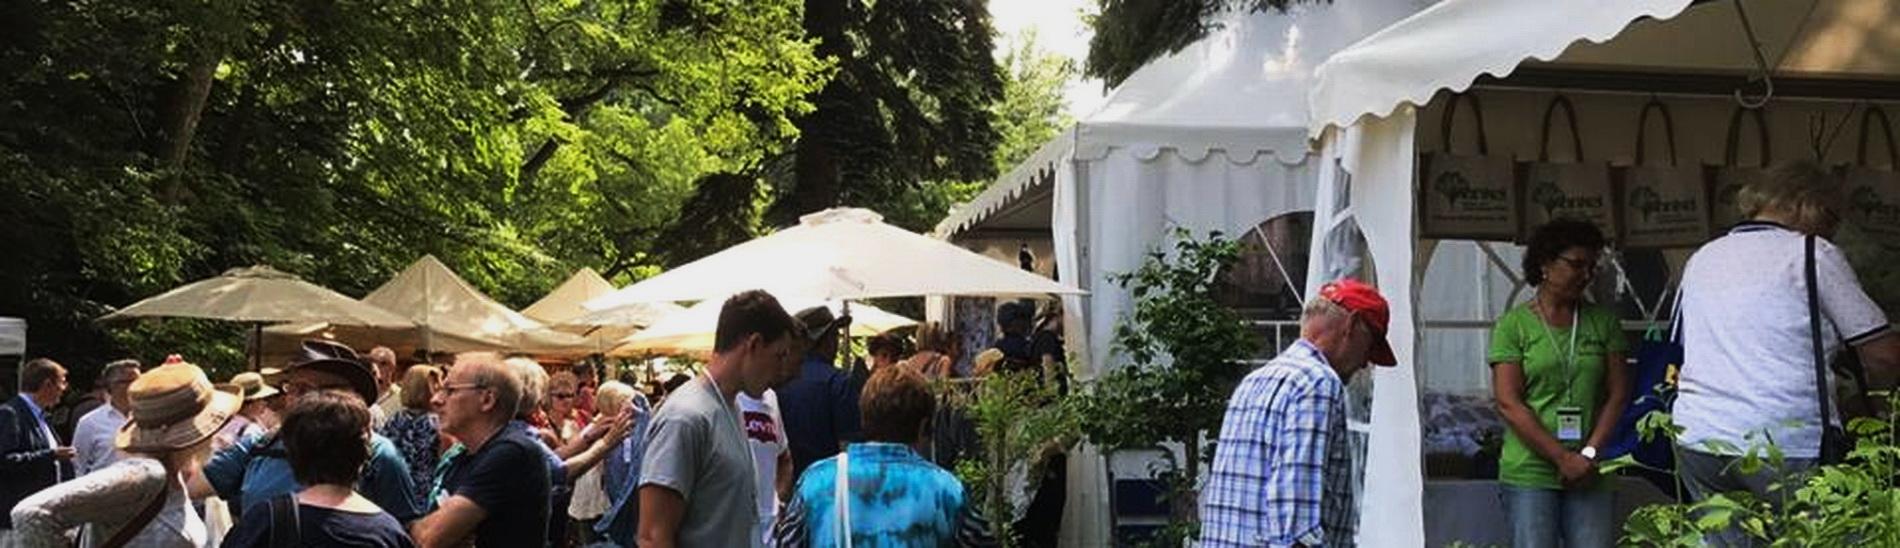 10. Odenwälder Country Fair